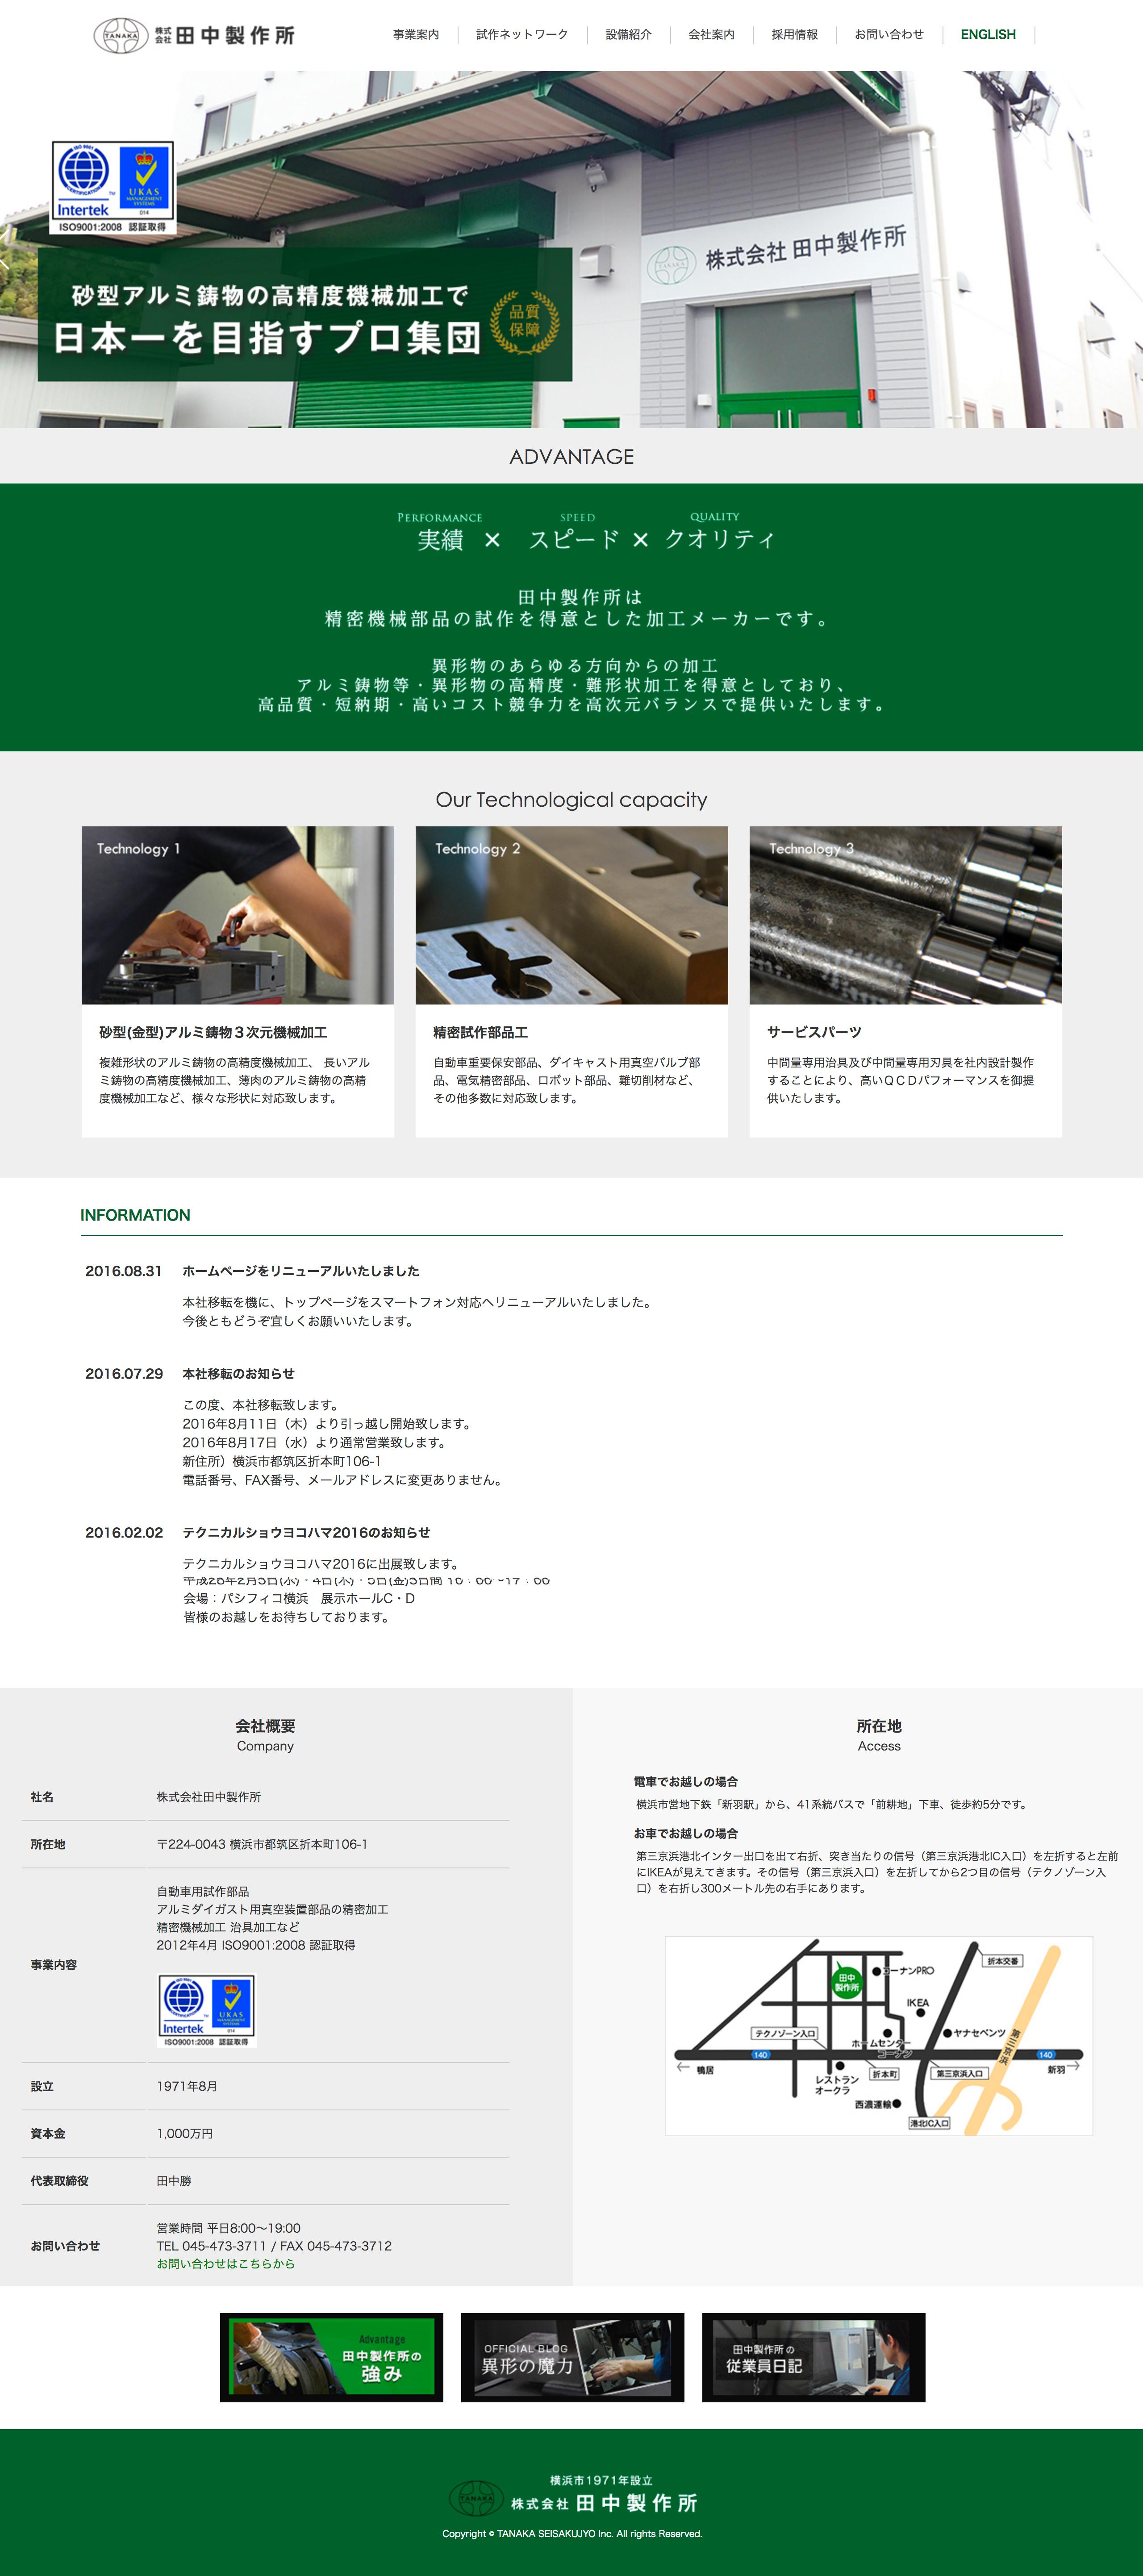 田中製作所